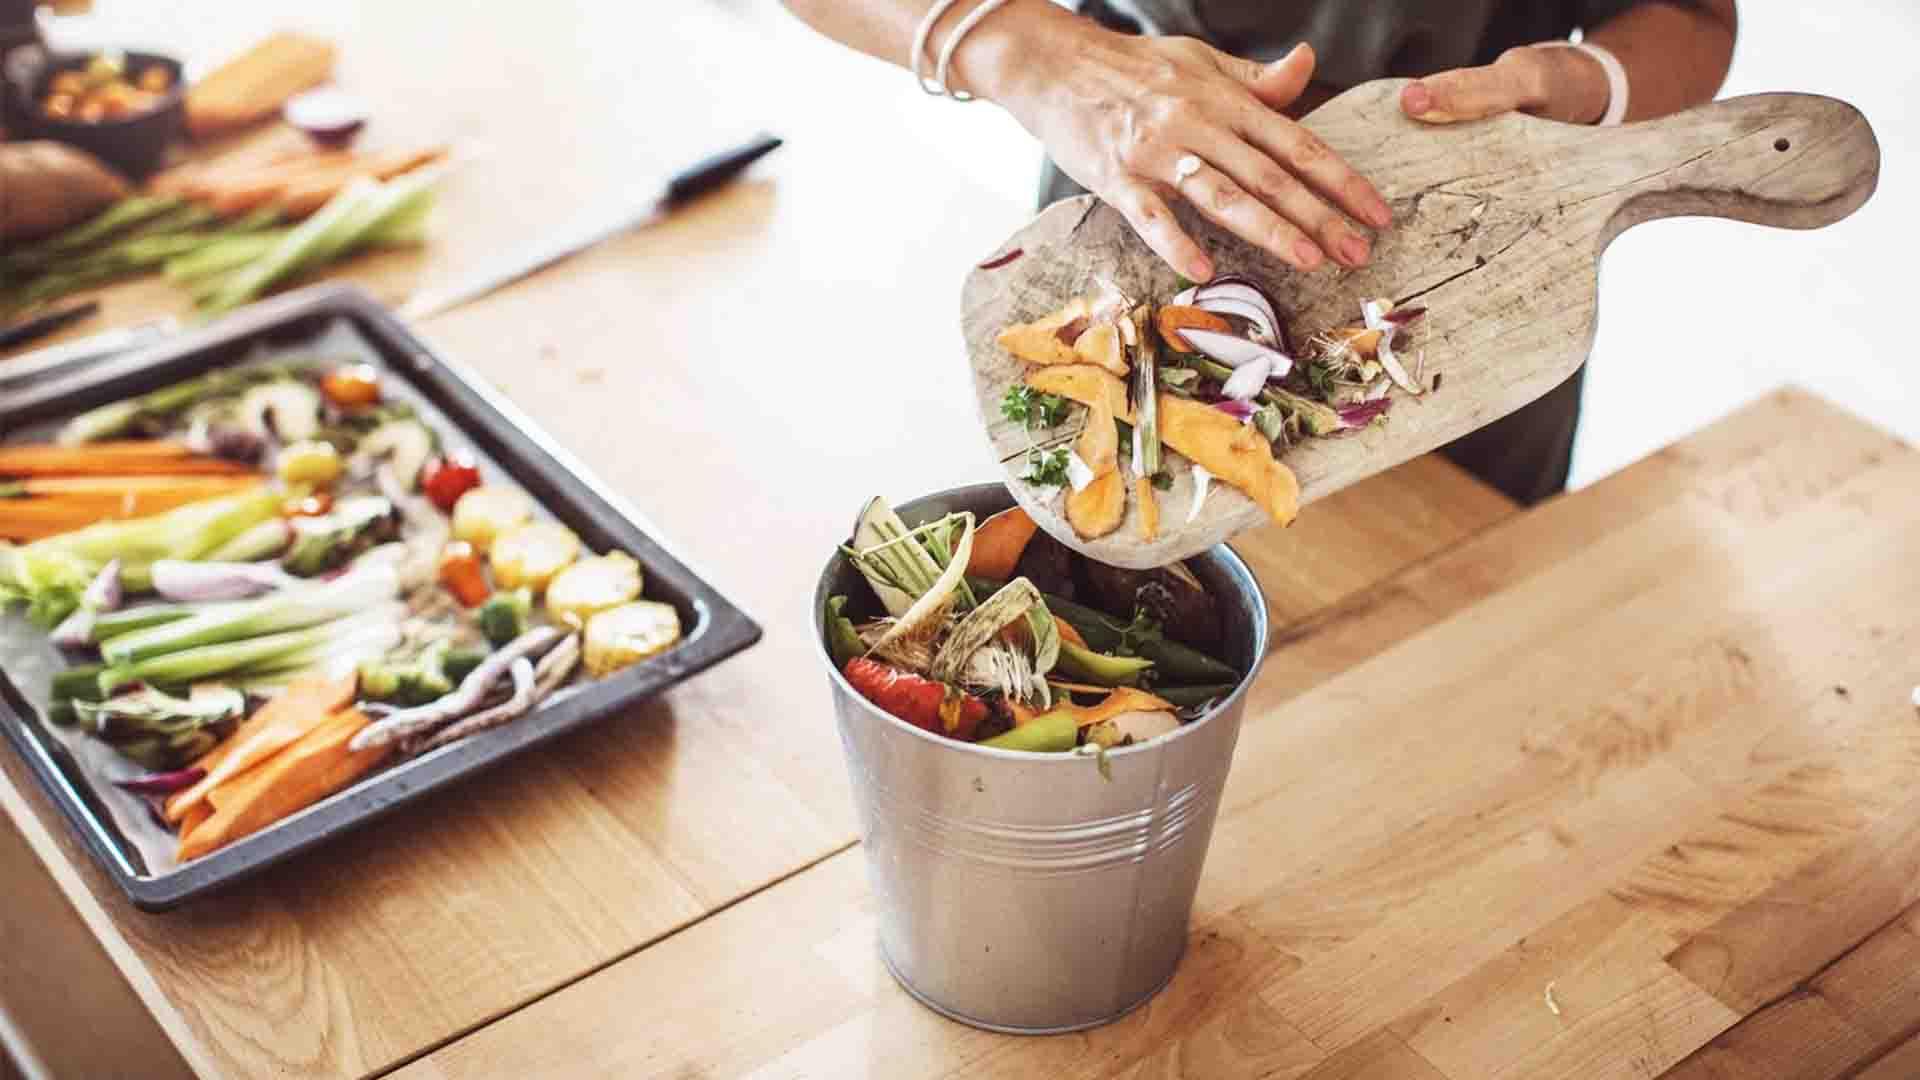 faire du compost dans un seau compost soi-même dans un sac